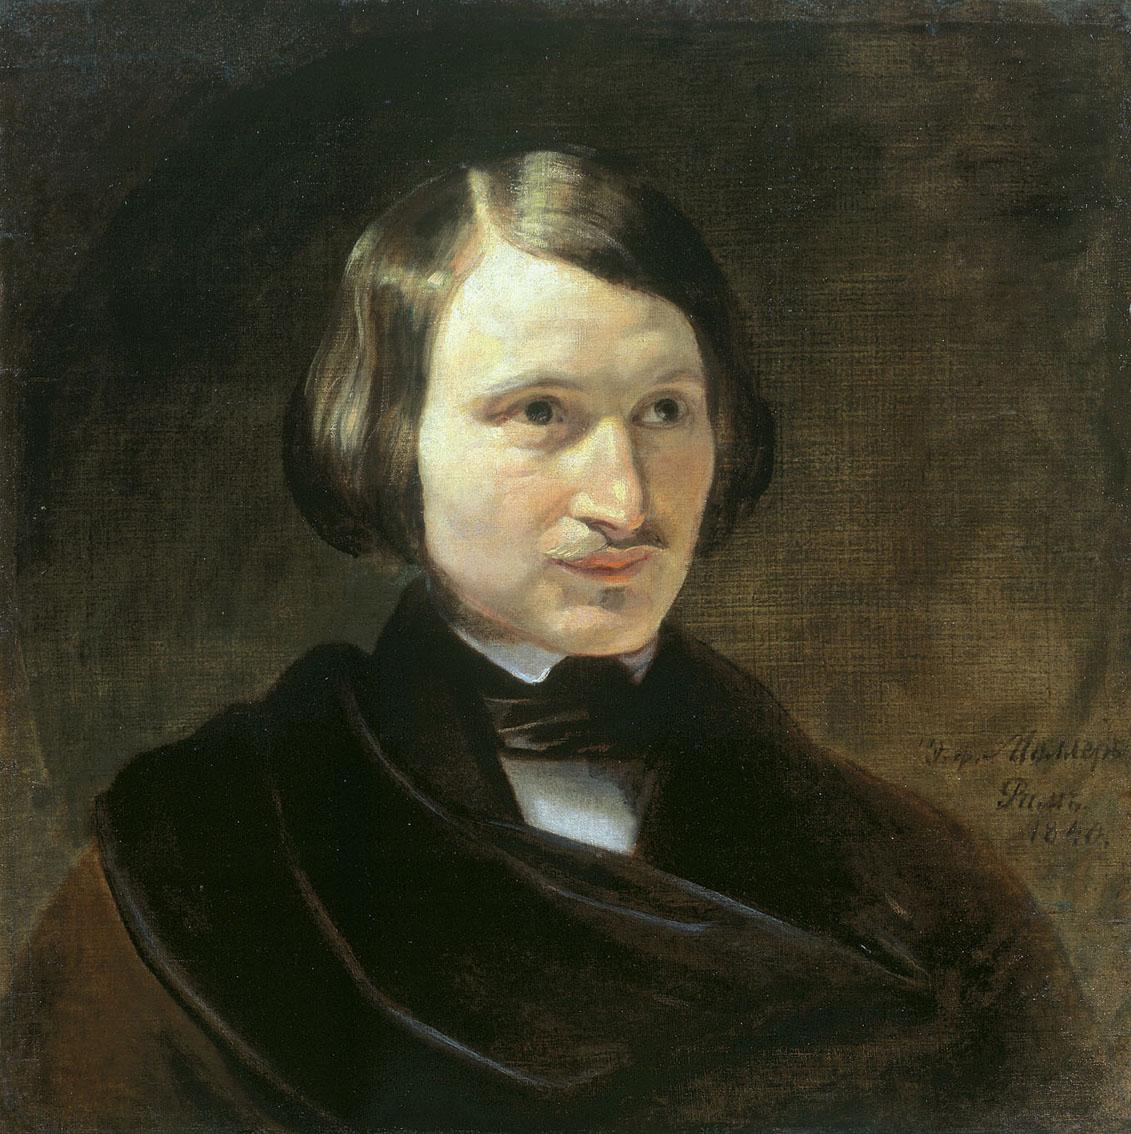 Николай Гоголь. Портрет кисти Федора Моллера, 1840